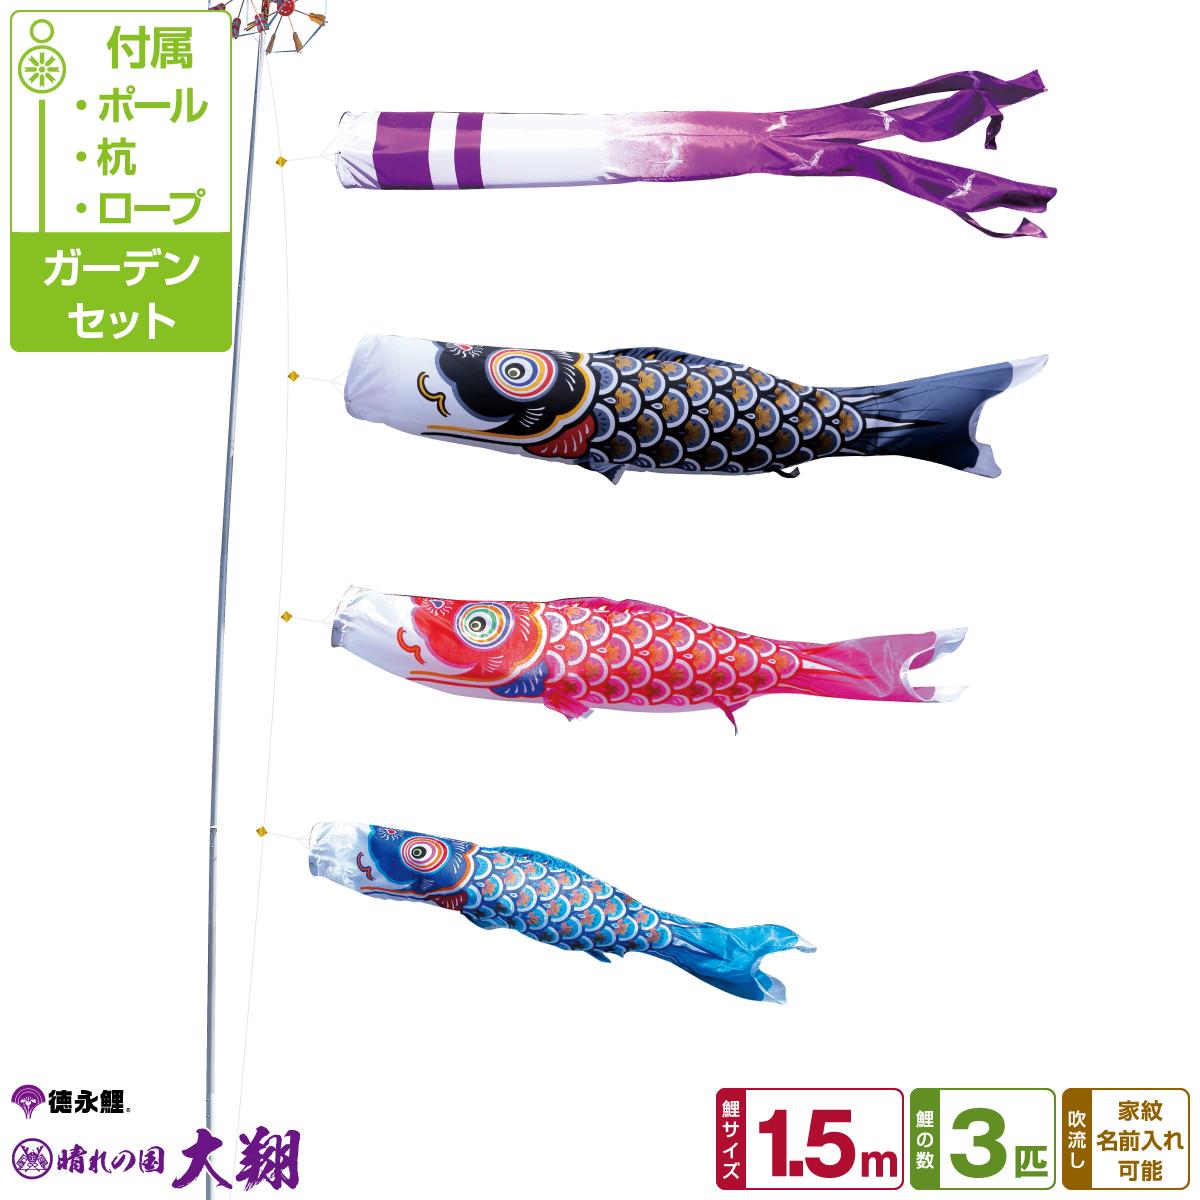 徳永鯉のぼり 大翔鯉 1.5m 6点セット ガーデンセット 2019年初節句 端午の節句 こどもの日 こいのぼり